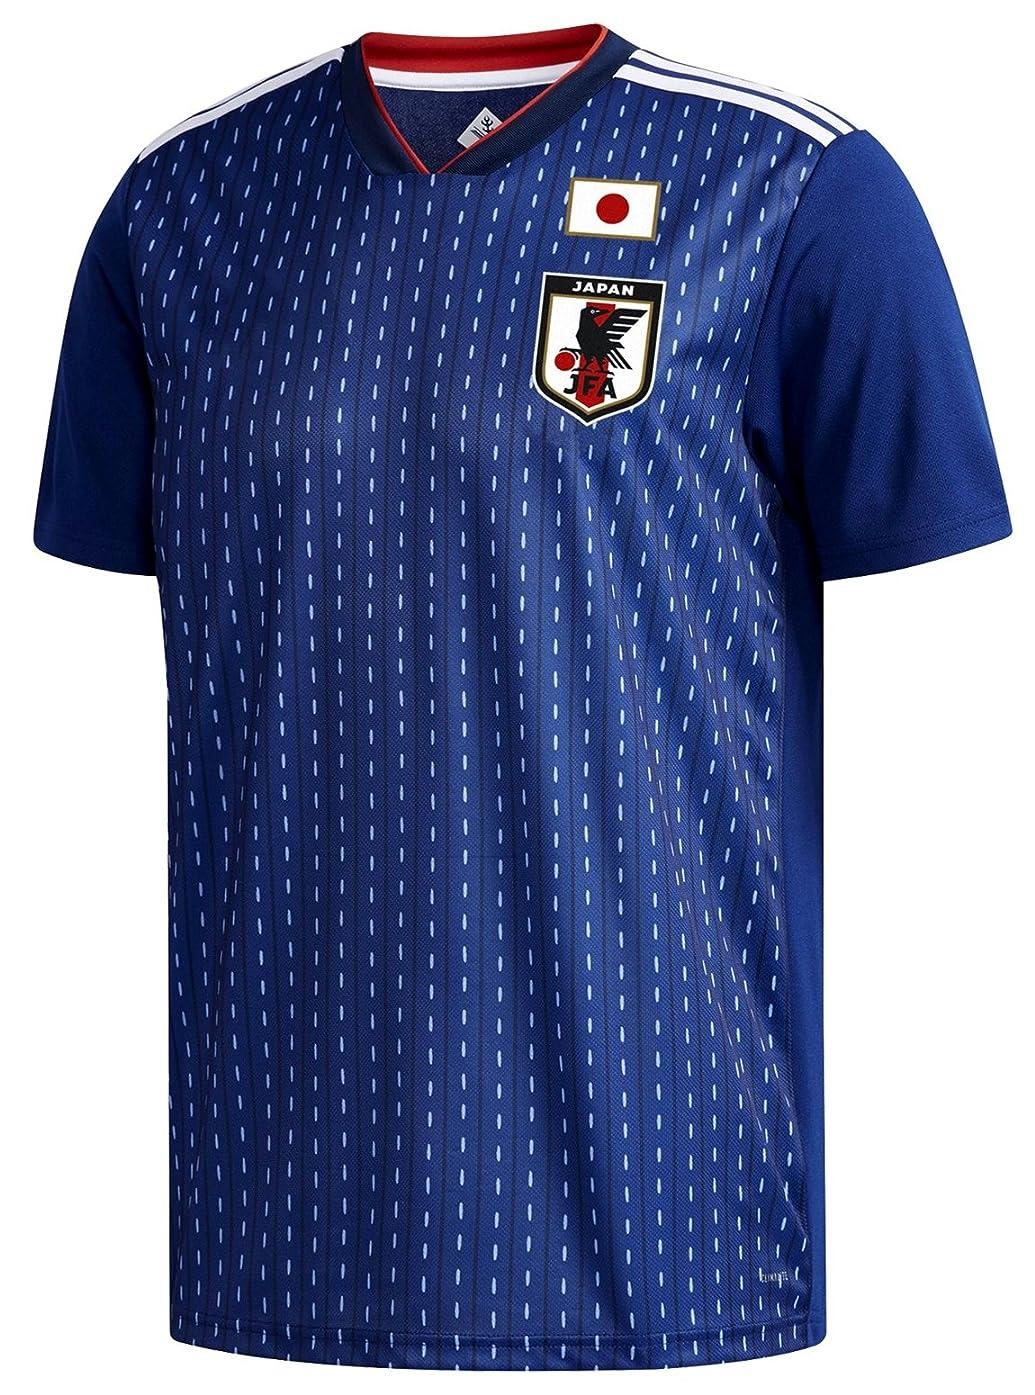 地下鉄解体する食事を調理するサッカー 日本代表 ホーム レプリカ ユニフォーム 半袖 Tシャツ ズボン 上下セットメンズ キッズ なでしこ